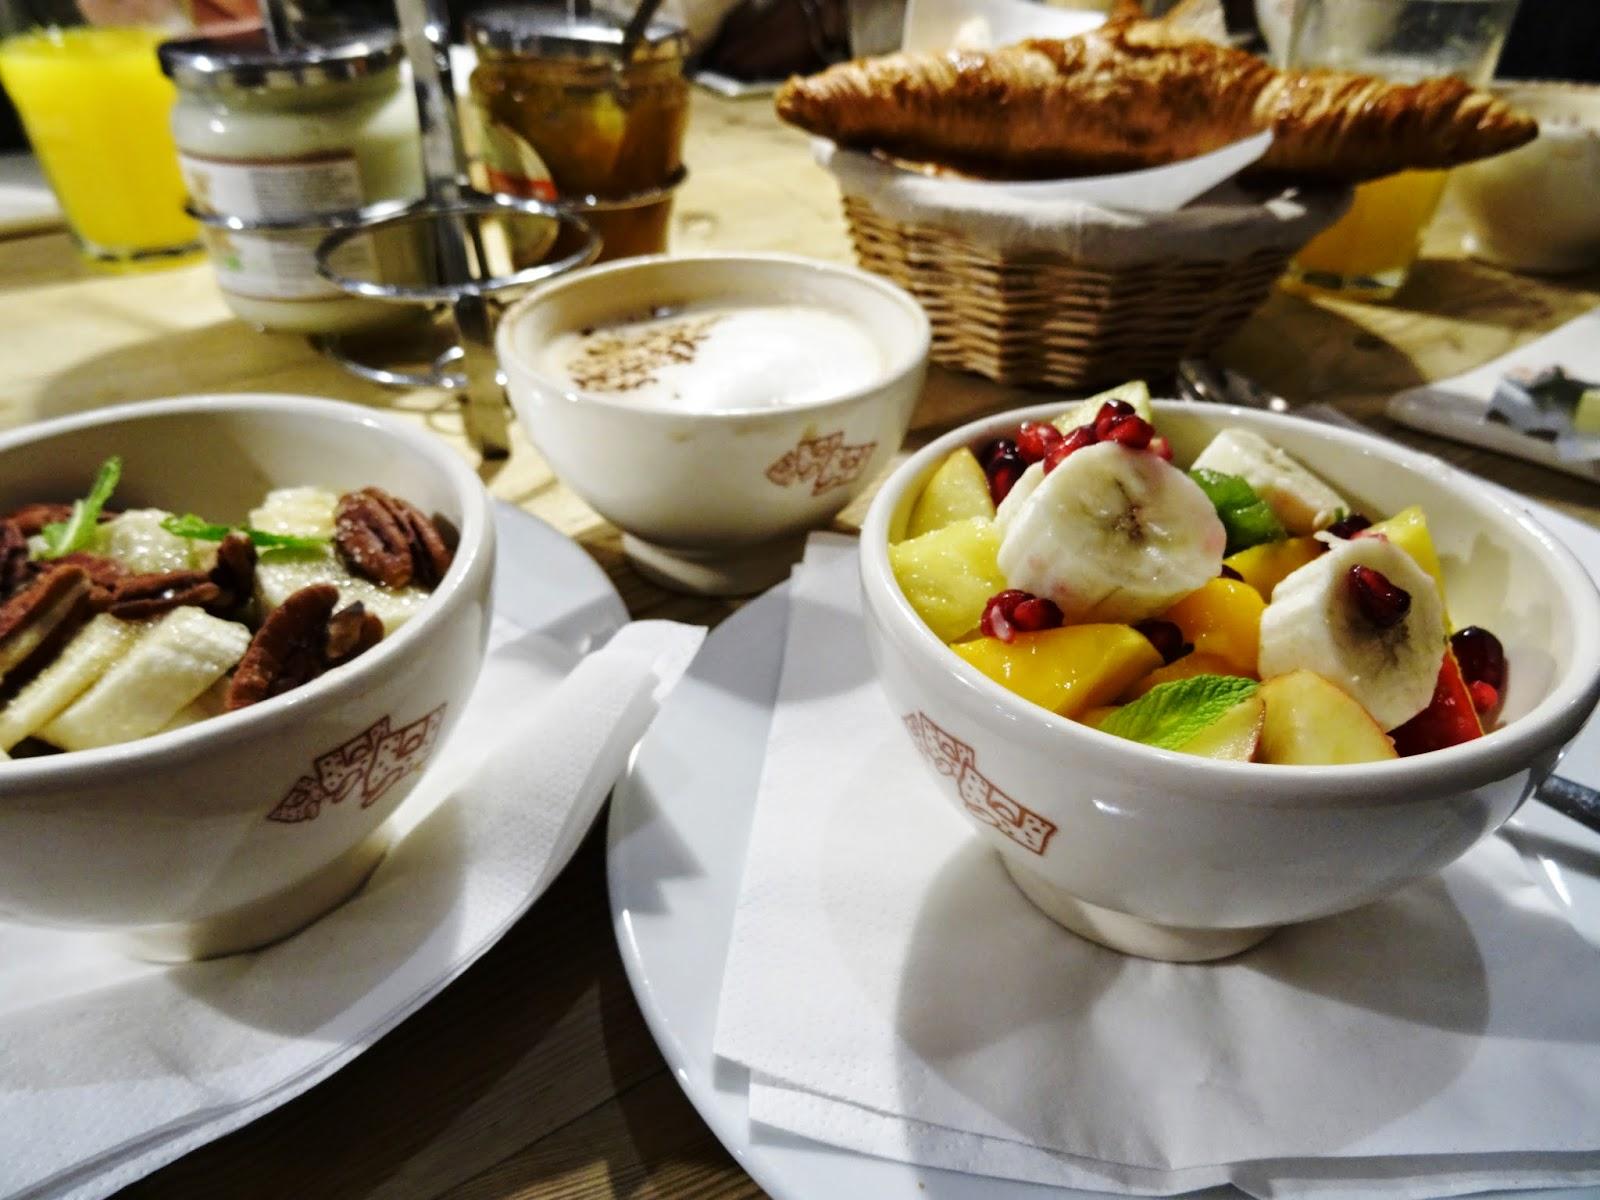 Tipp für günstiges Frühstück in Paris - auch vegan: Le Pain Quotidien